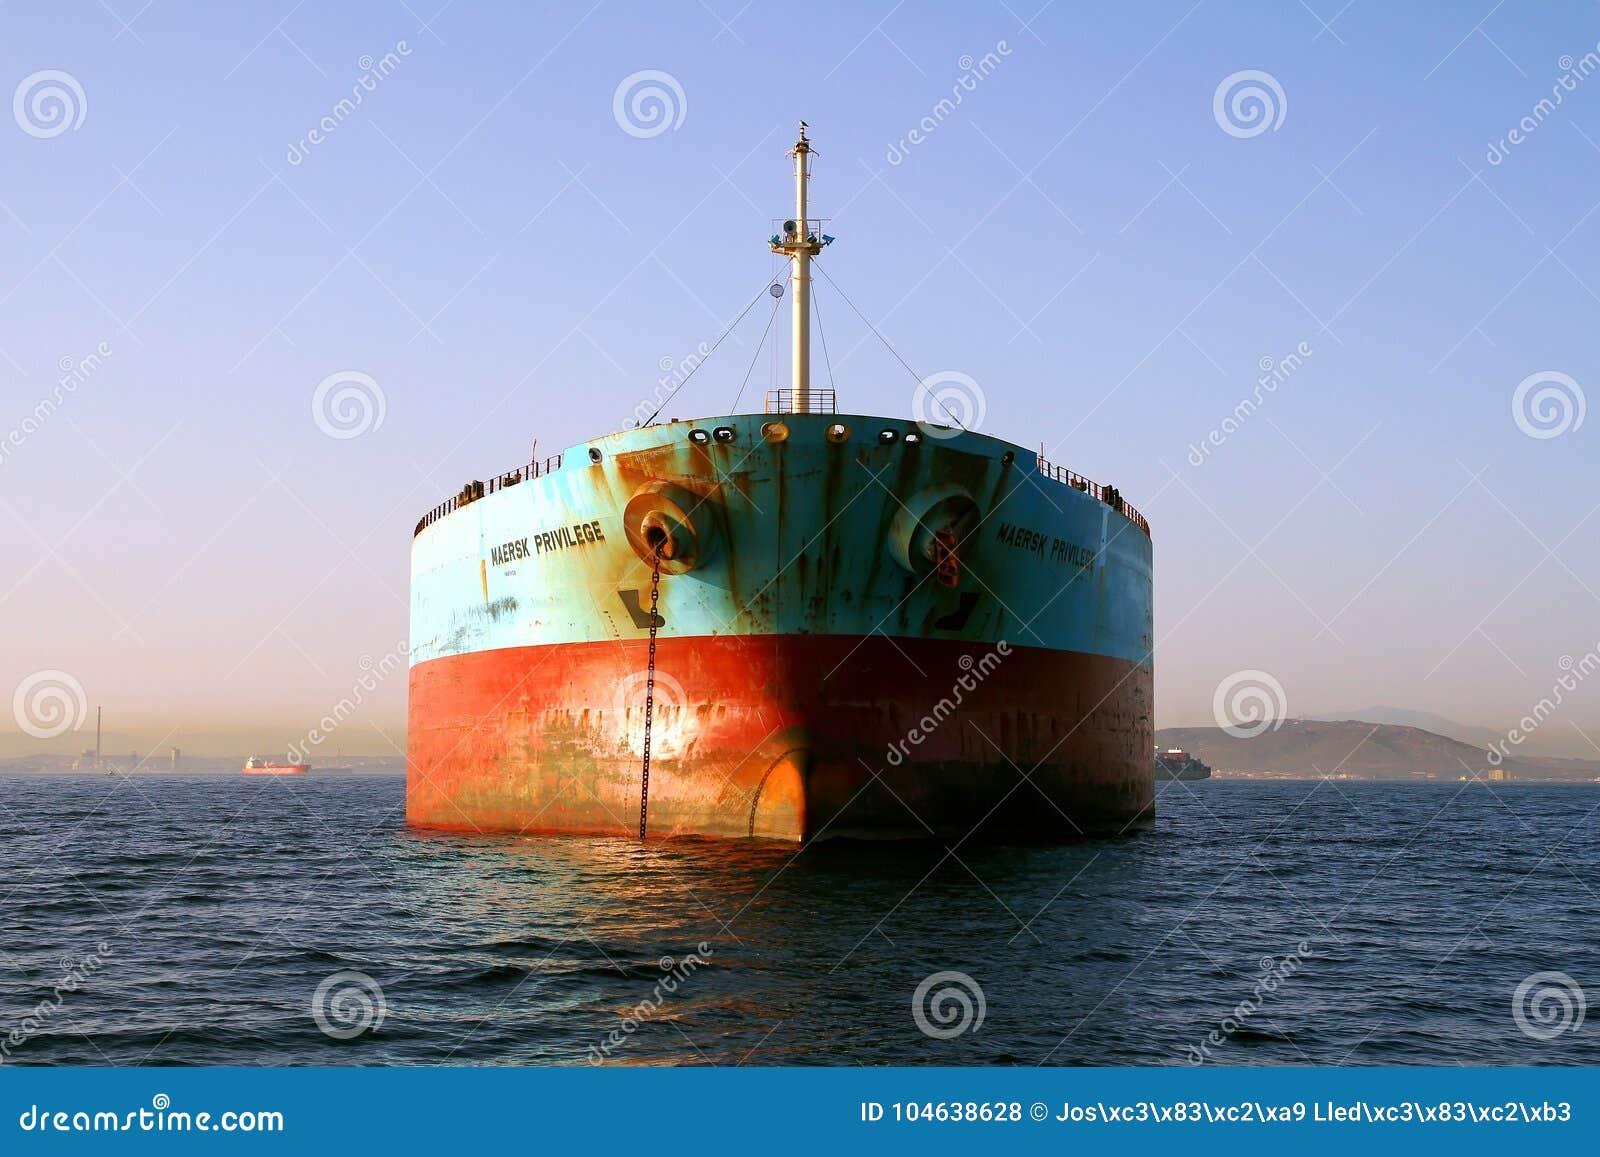 Download De Boogmening Van Het Voorrecht Van Maersk Van Het Bulk-carrierschip Verankerde In Algeciras Baai In Spanje Redactionele Stock Foto - Afbeelding bestaande uit massa, download: 104638628